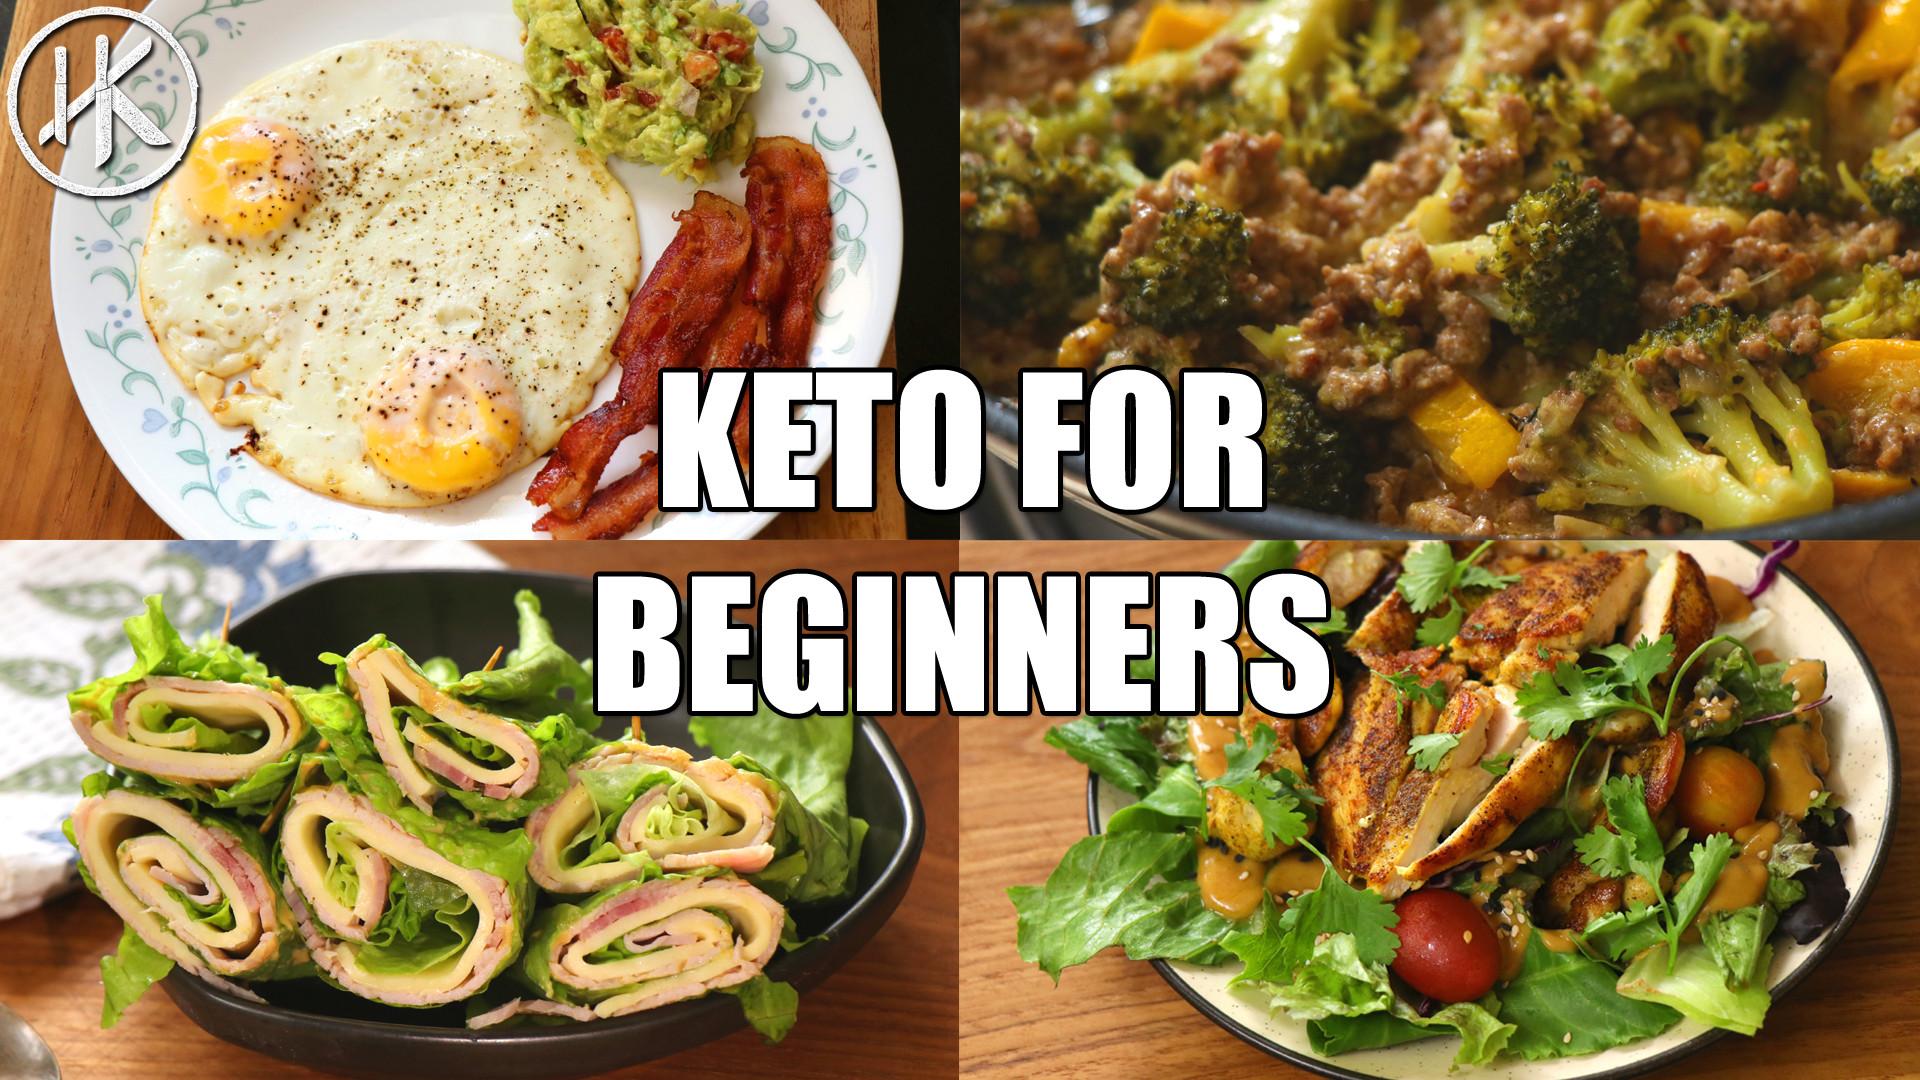 Keto Breakfast Recipes For Beginners  Keto for Beginners Free Keto Meal Plan Headbanger s